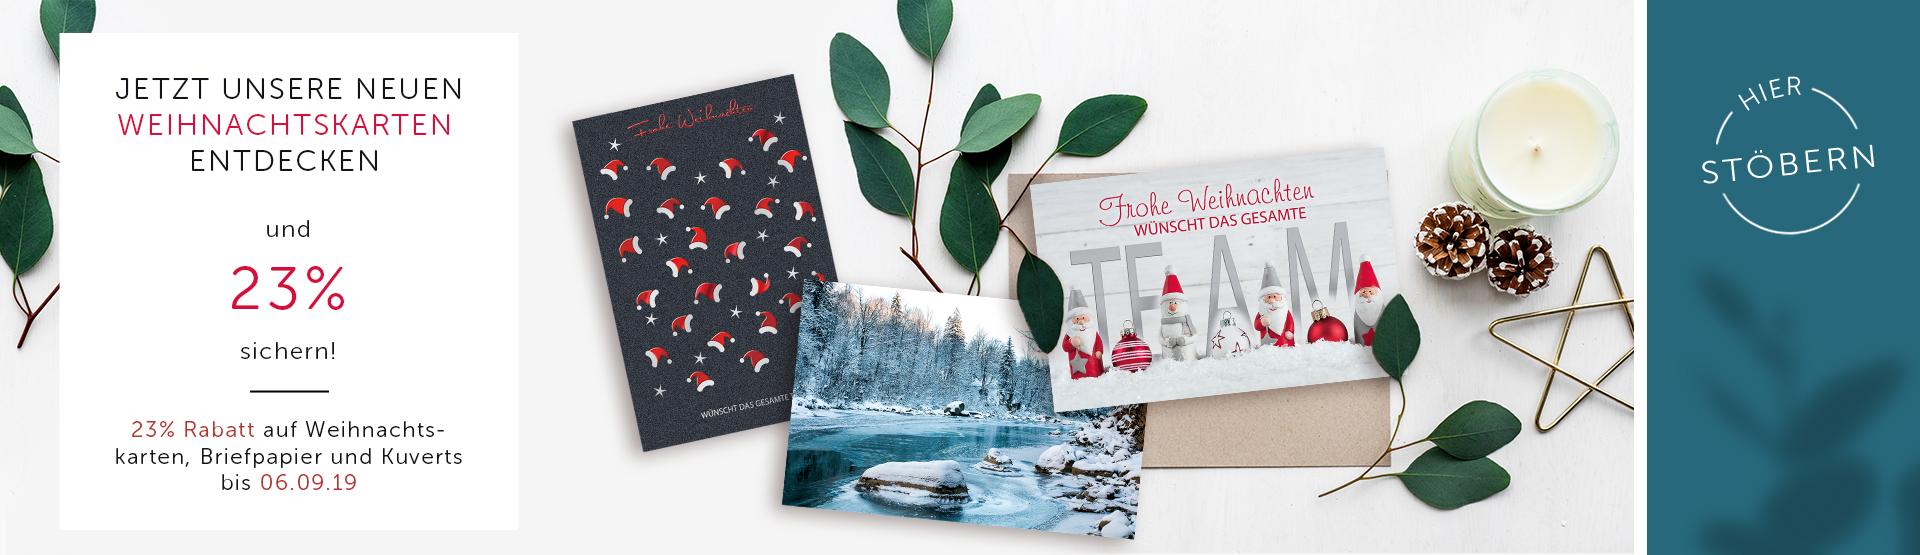 Card Verlag Weihnachtskarten.Klapp Grußkarten Online Drucken Präsente Mehr Raab Verlag